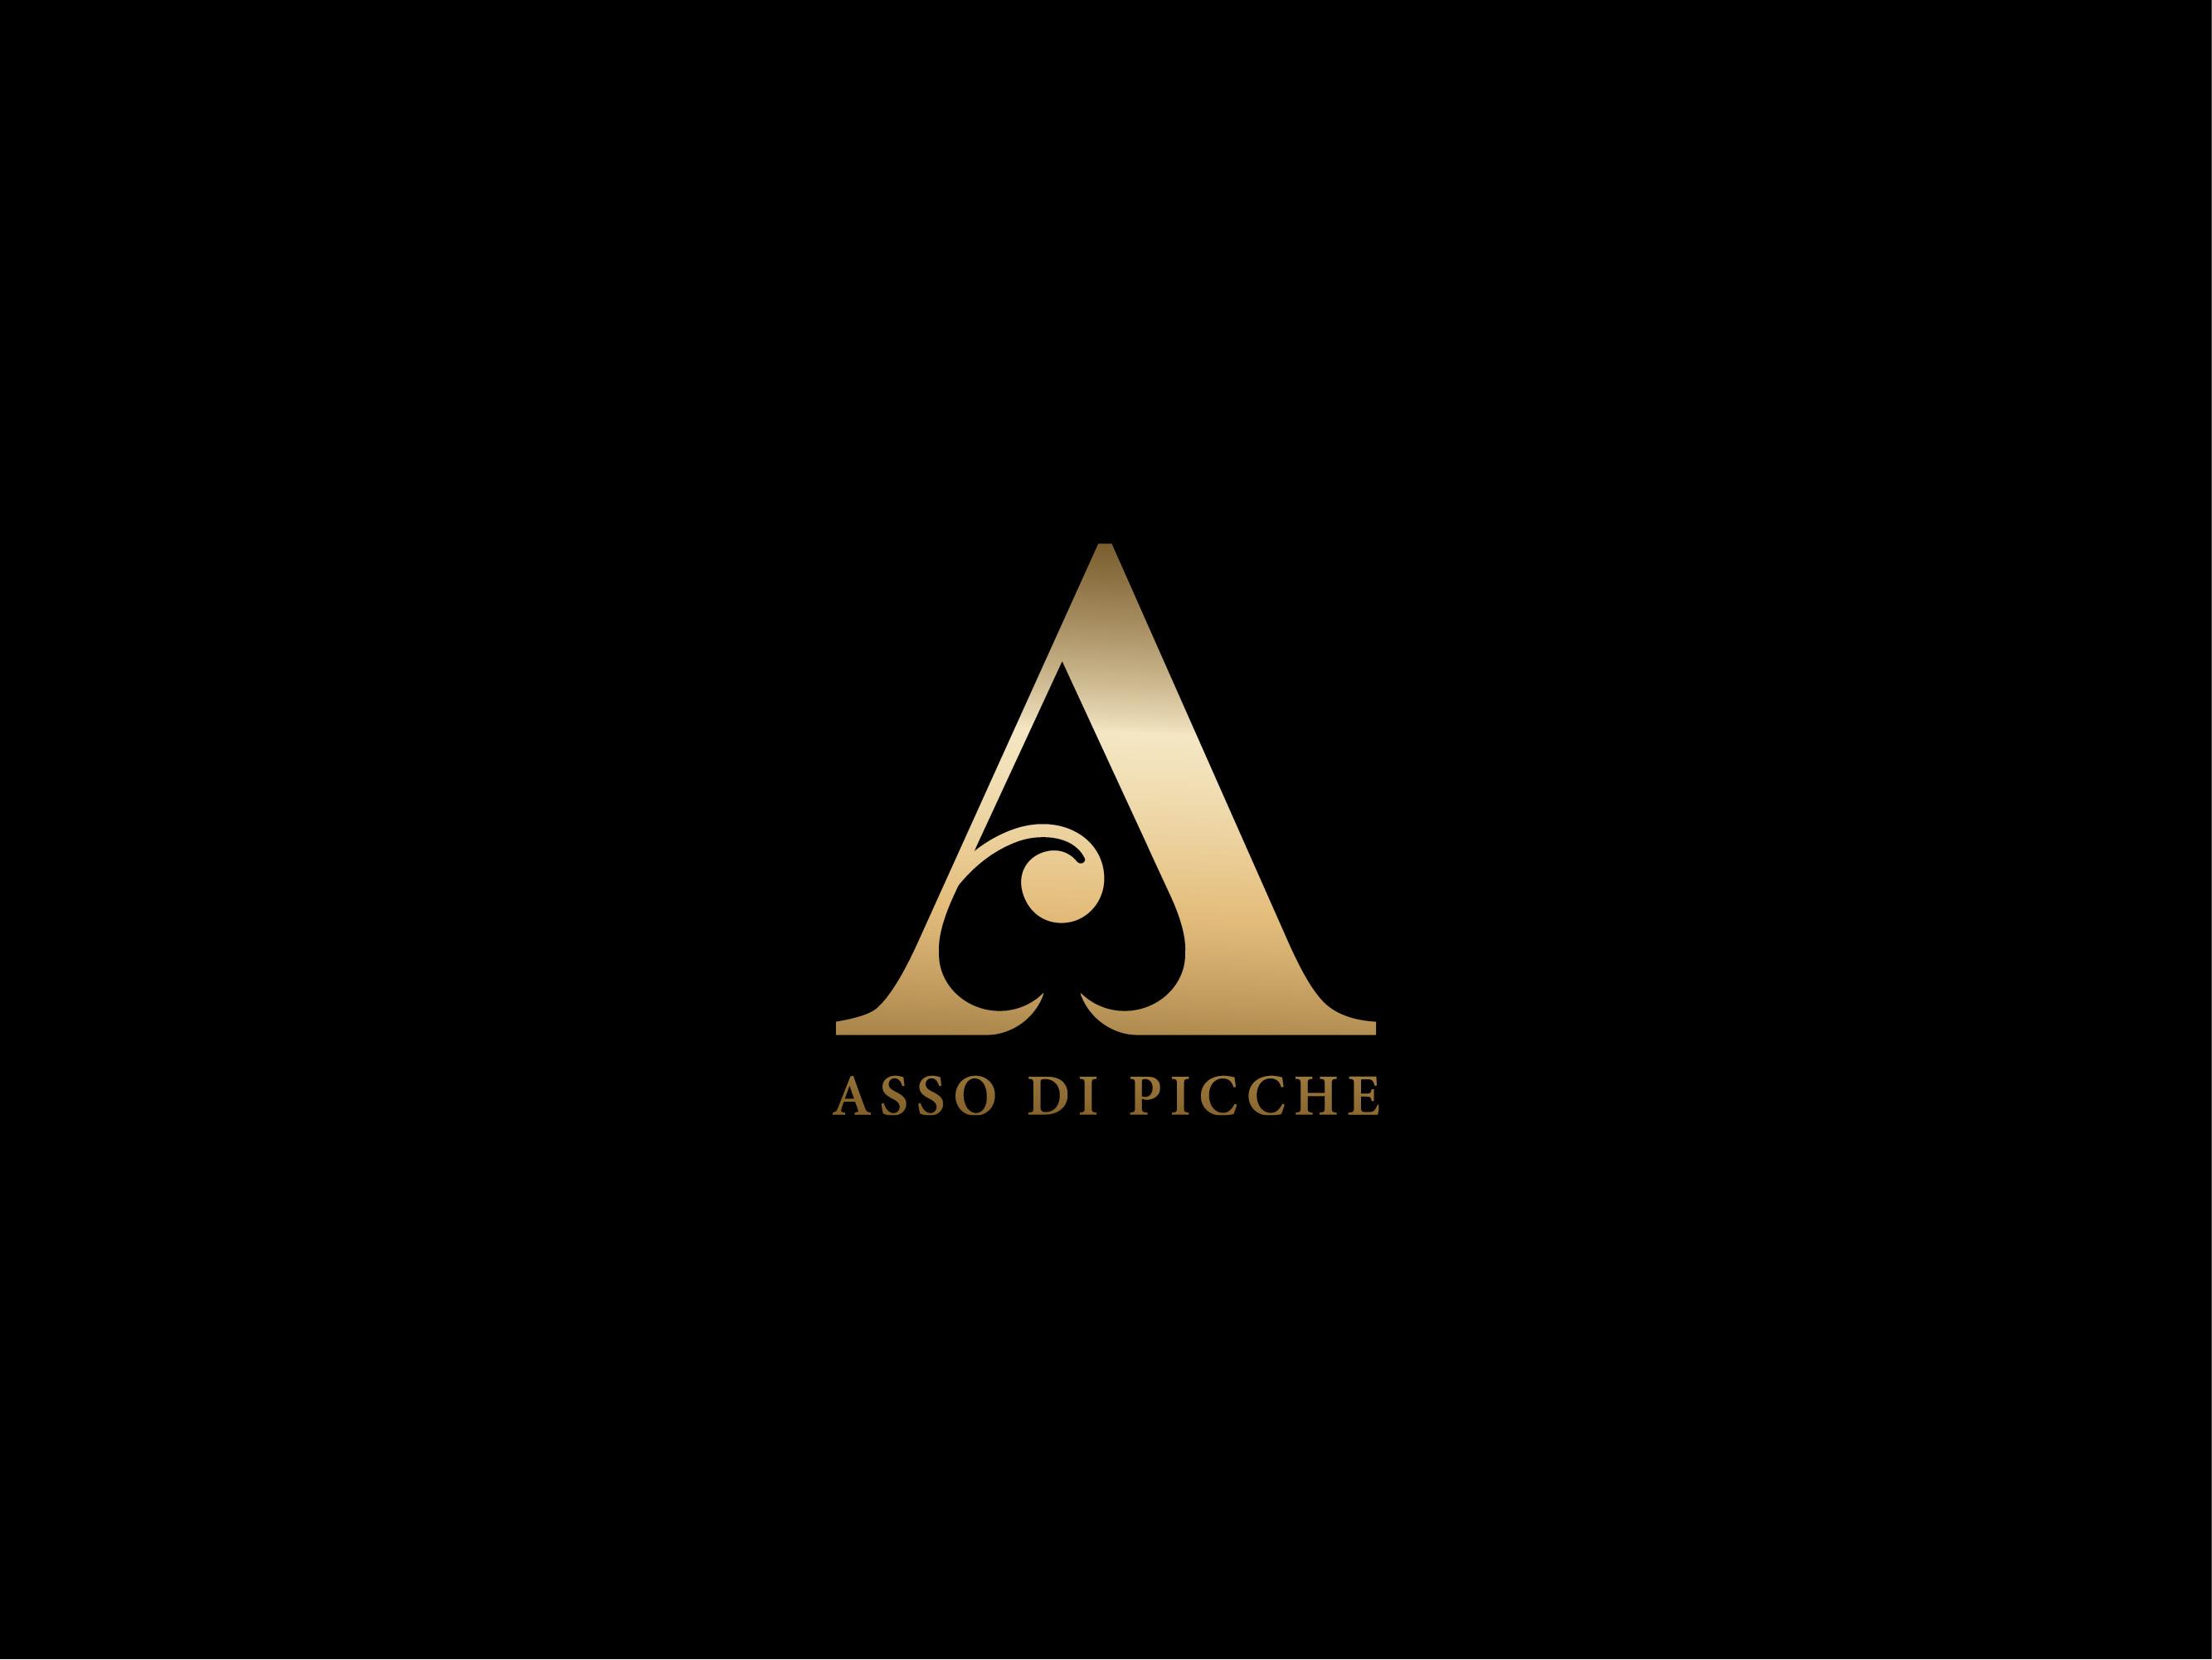 Asso Di Picche Italian luxury brand logo design